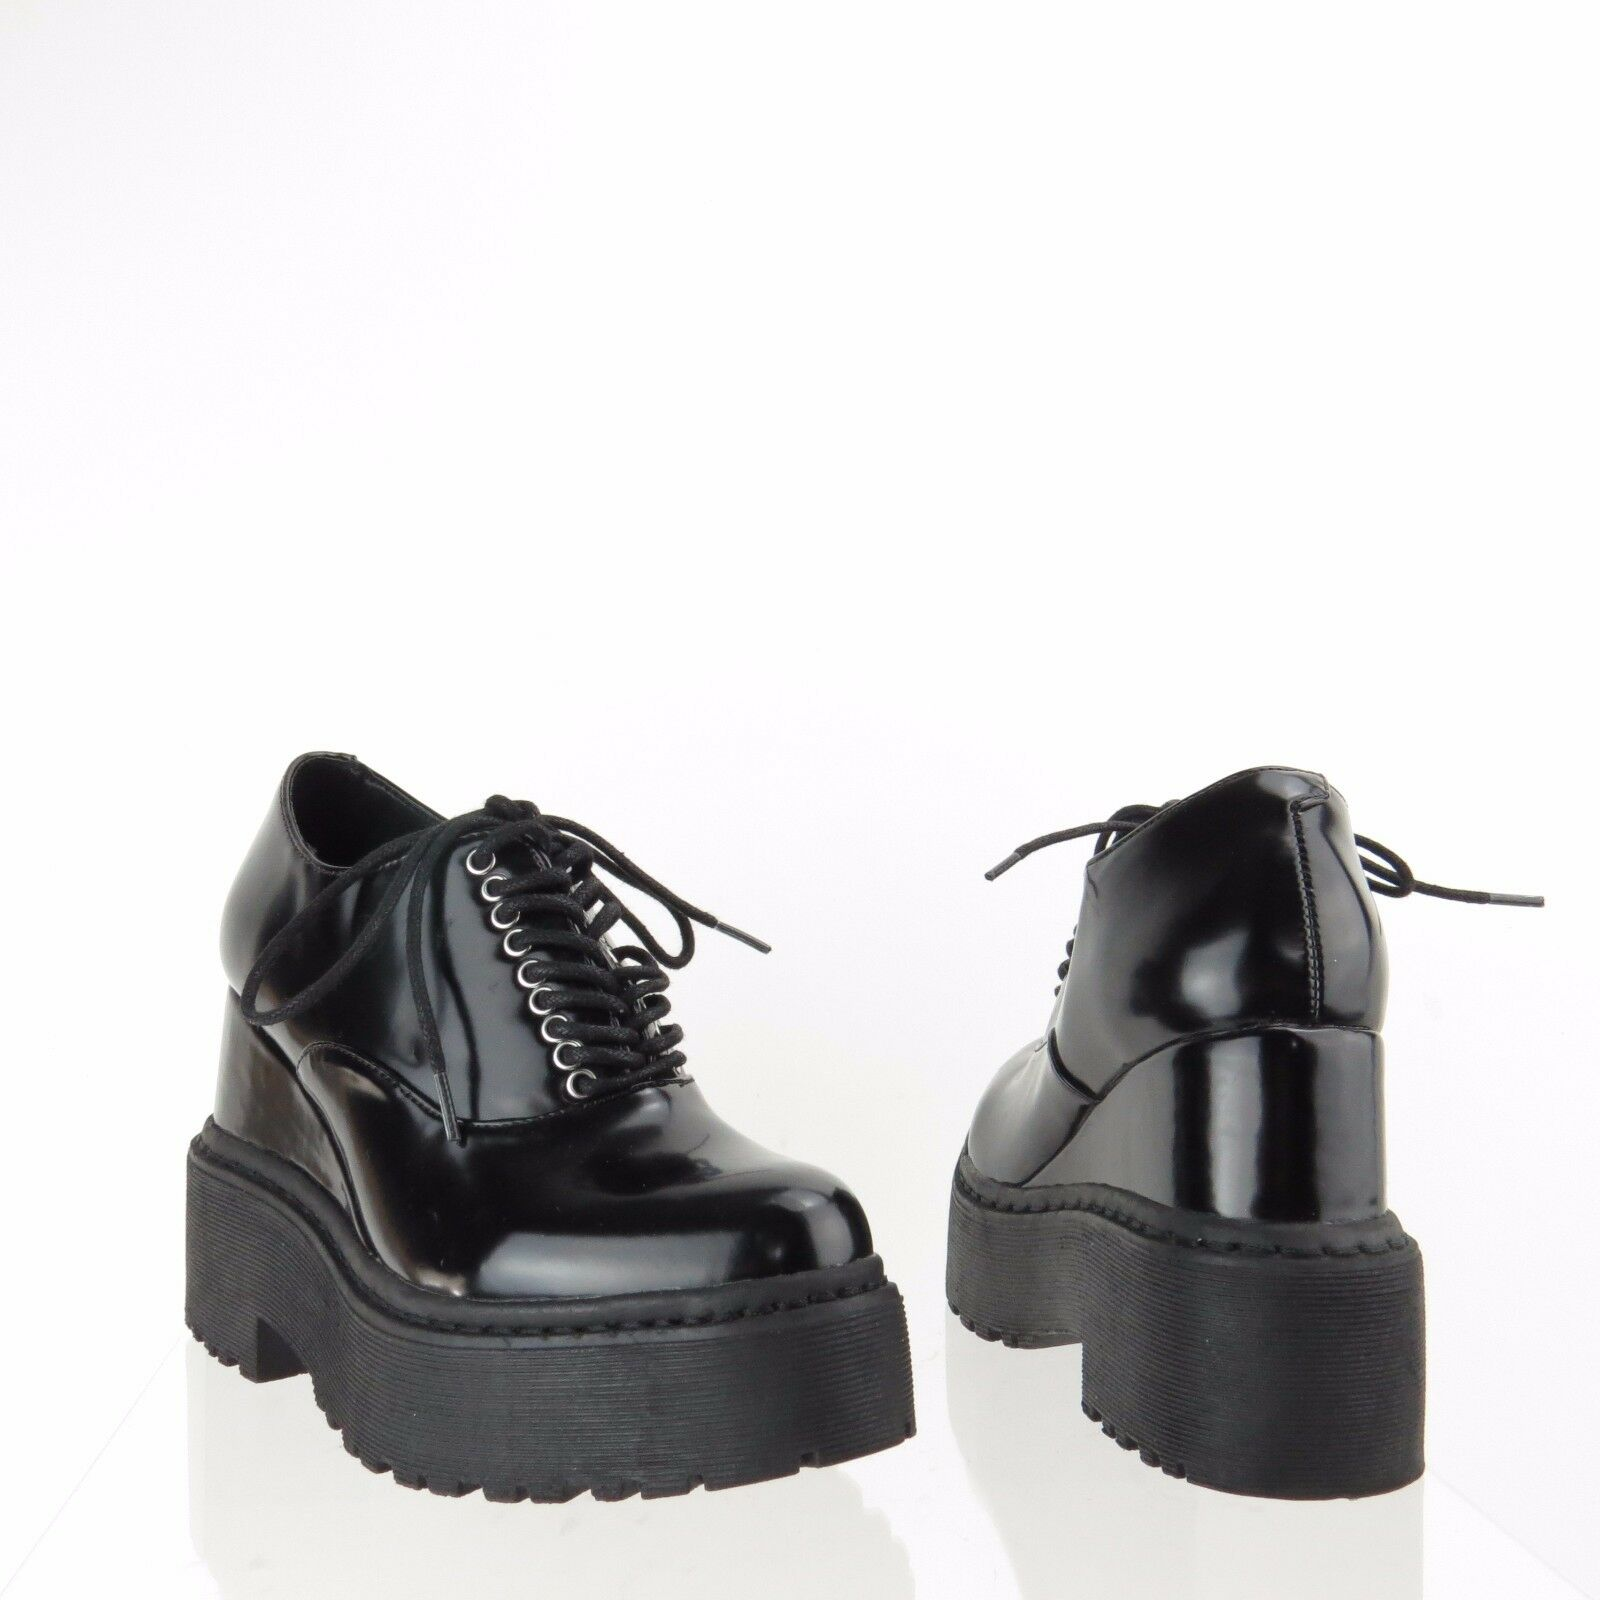 risposta prima volta Donna  Jeffrey Campbell Anola scarpe nero Leather avvioies avvioies avvioies Dimensione 5.5 M NEW   protezione post-vendita